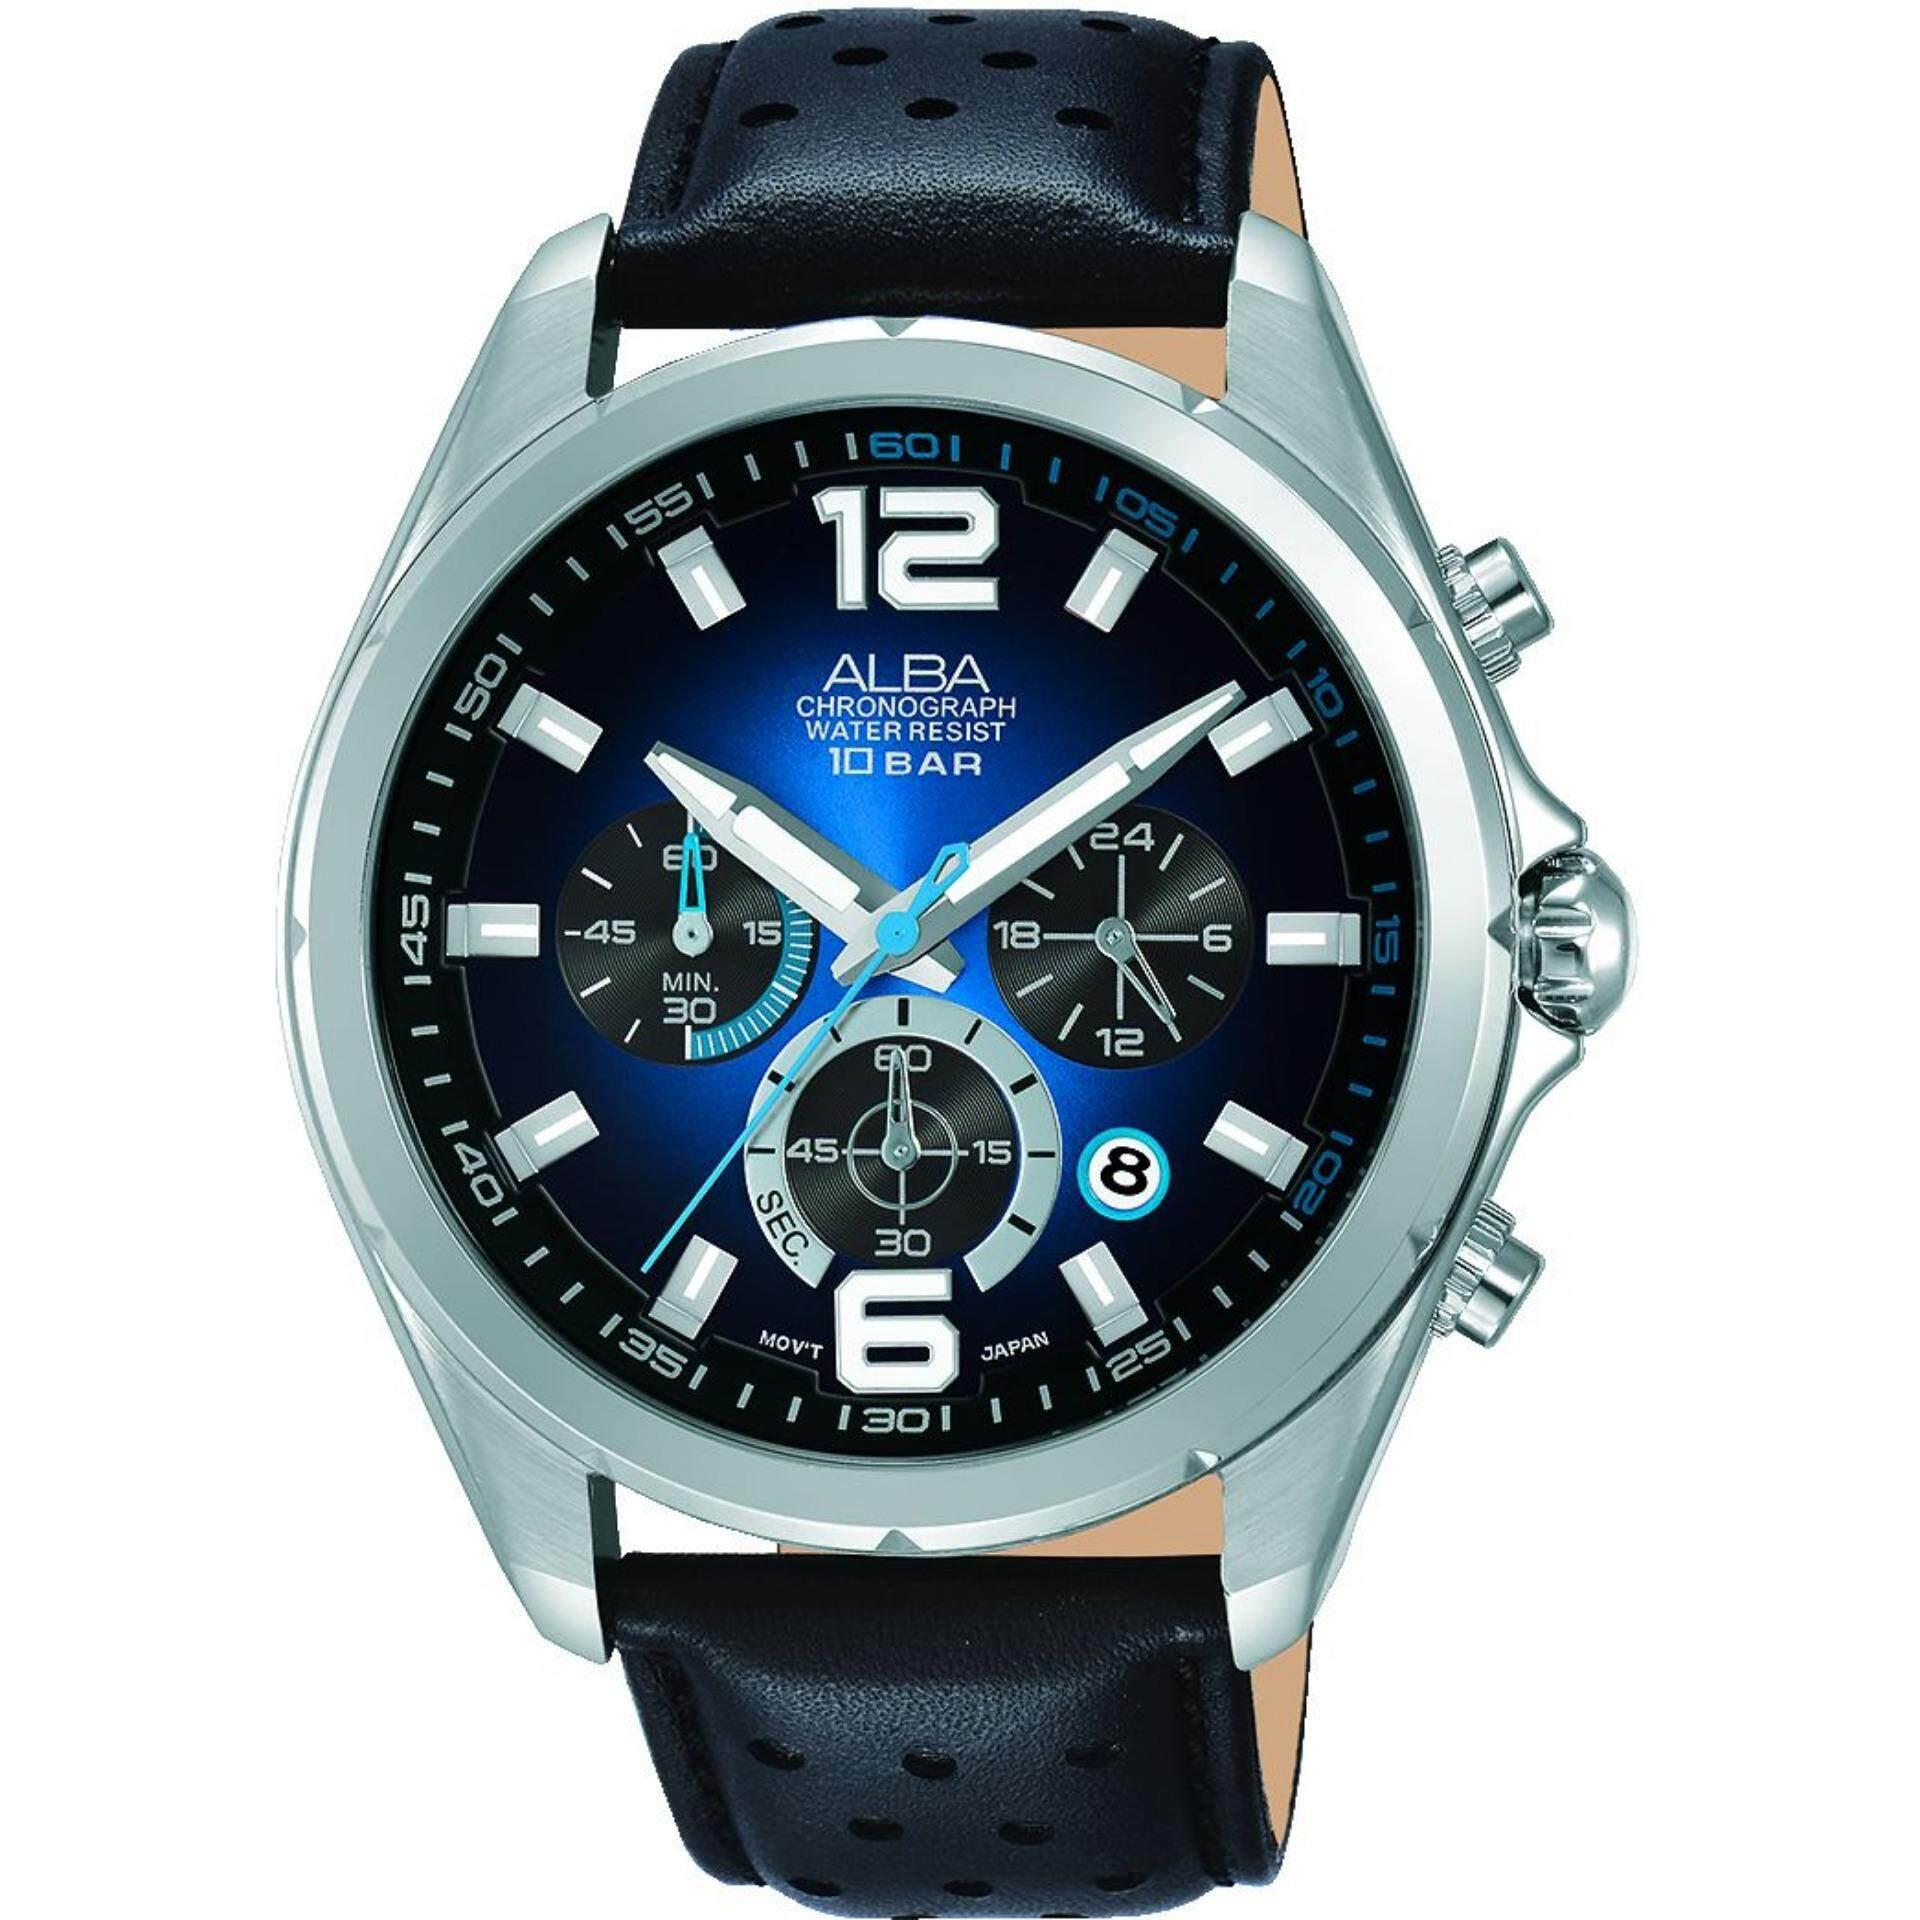 ALBA Elegant Chronograph Watch AT3B57X1 Original 1 year Warranty